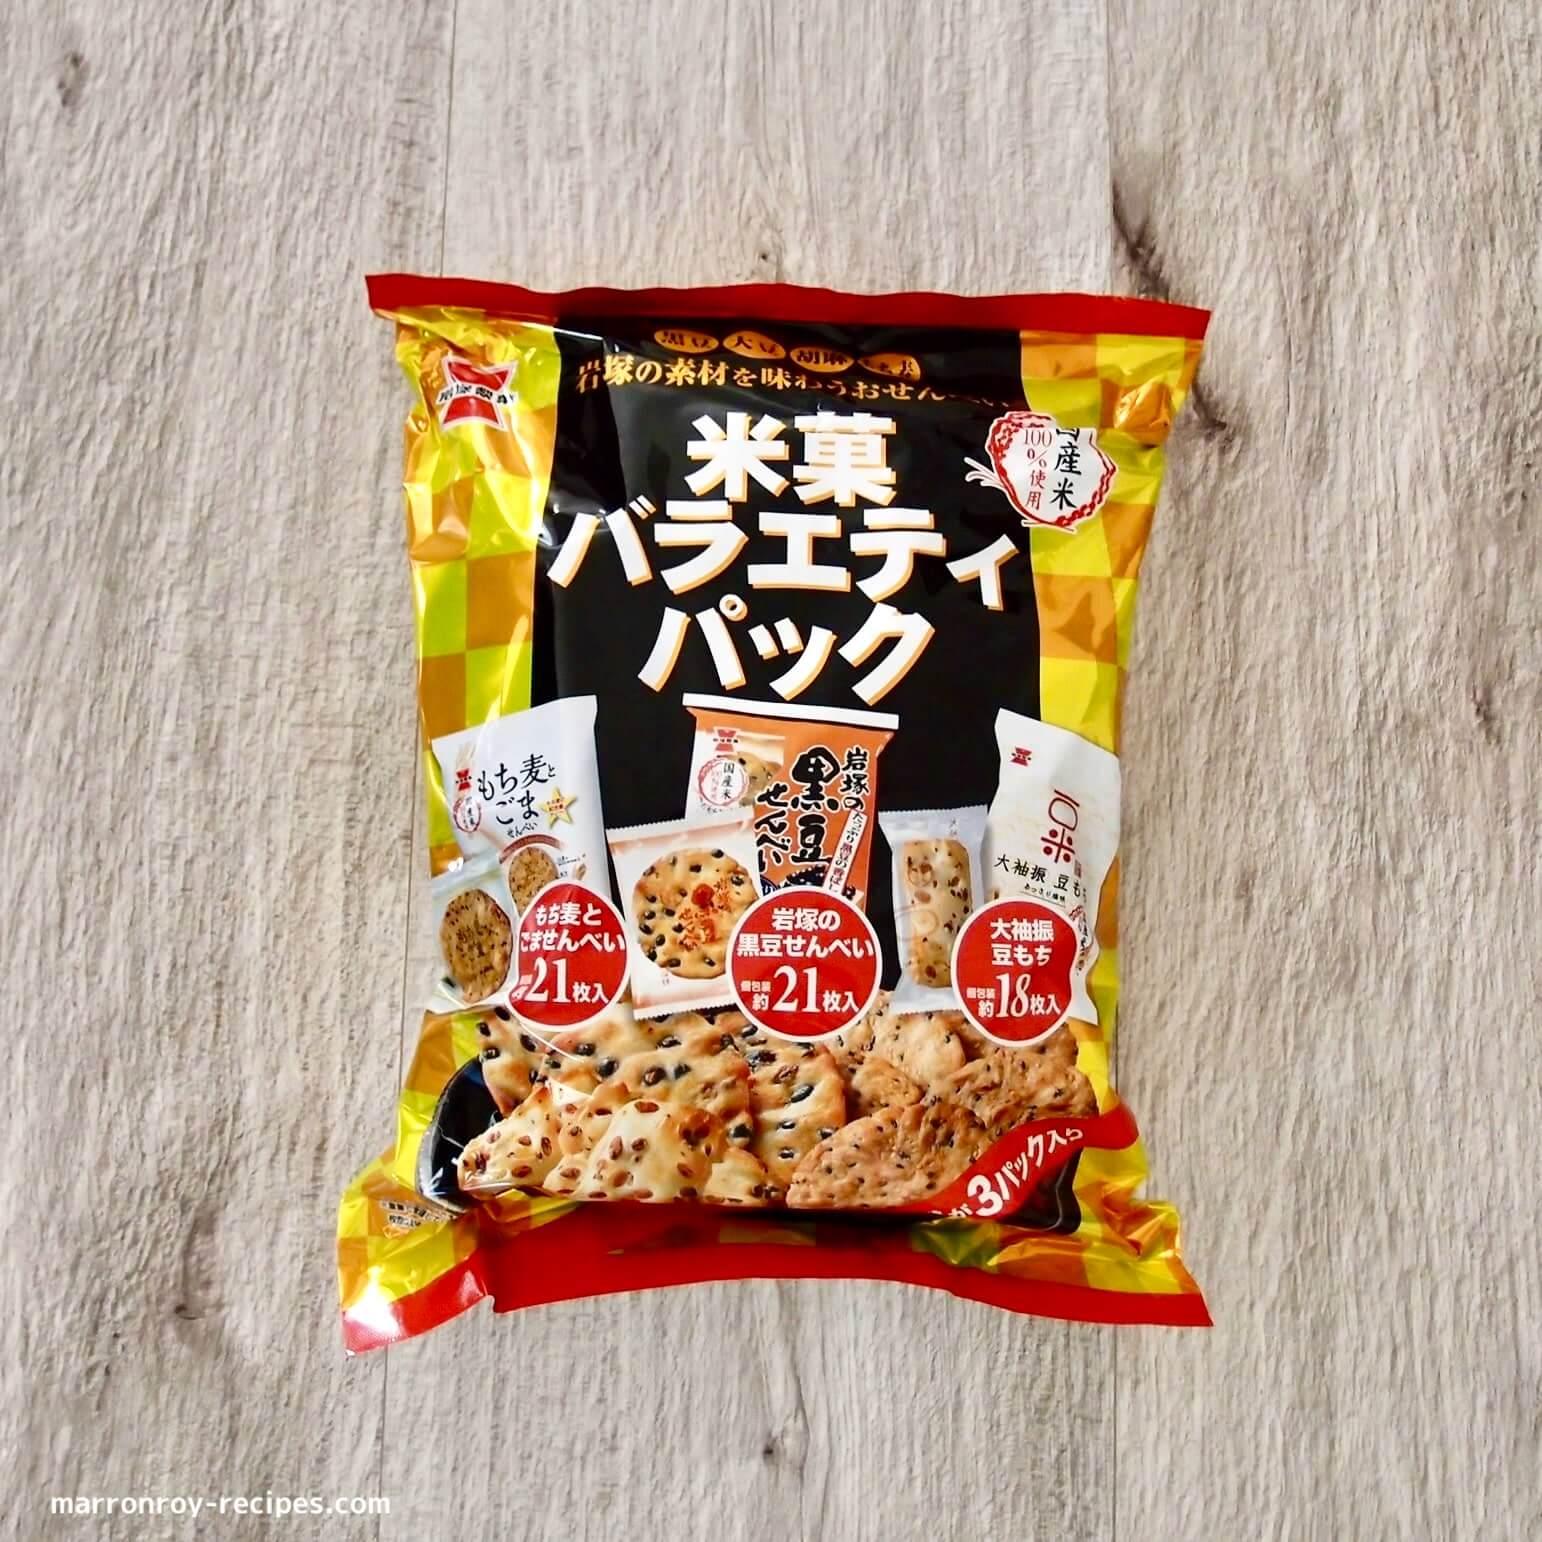 コストコの米菓は何が好き?我が家で過去最高の評価が出たのはこれ!